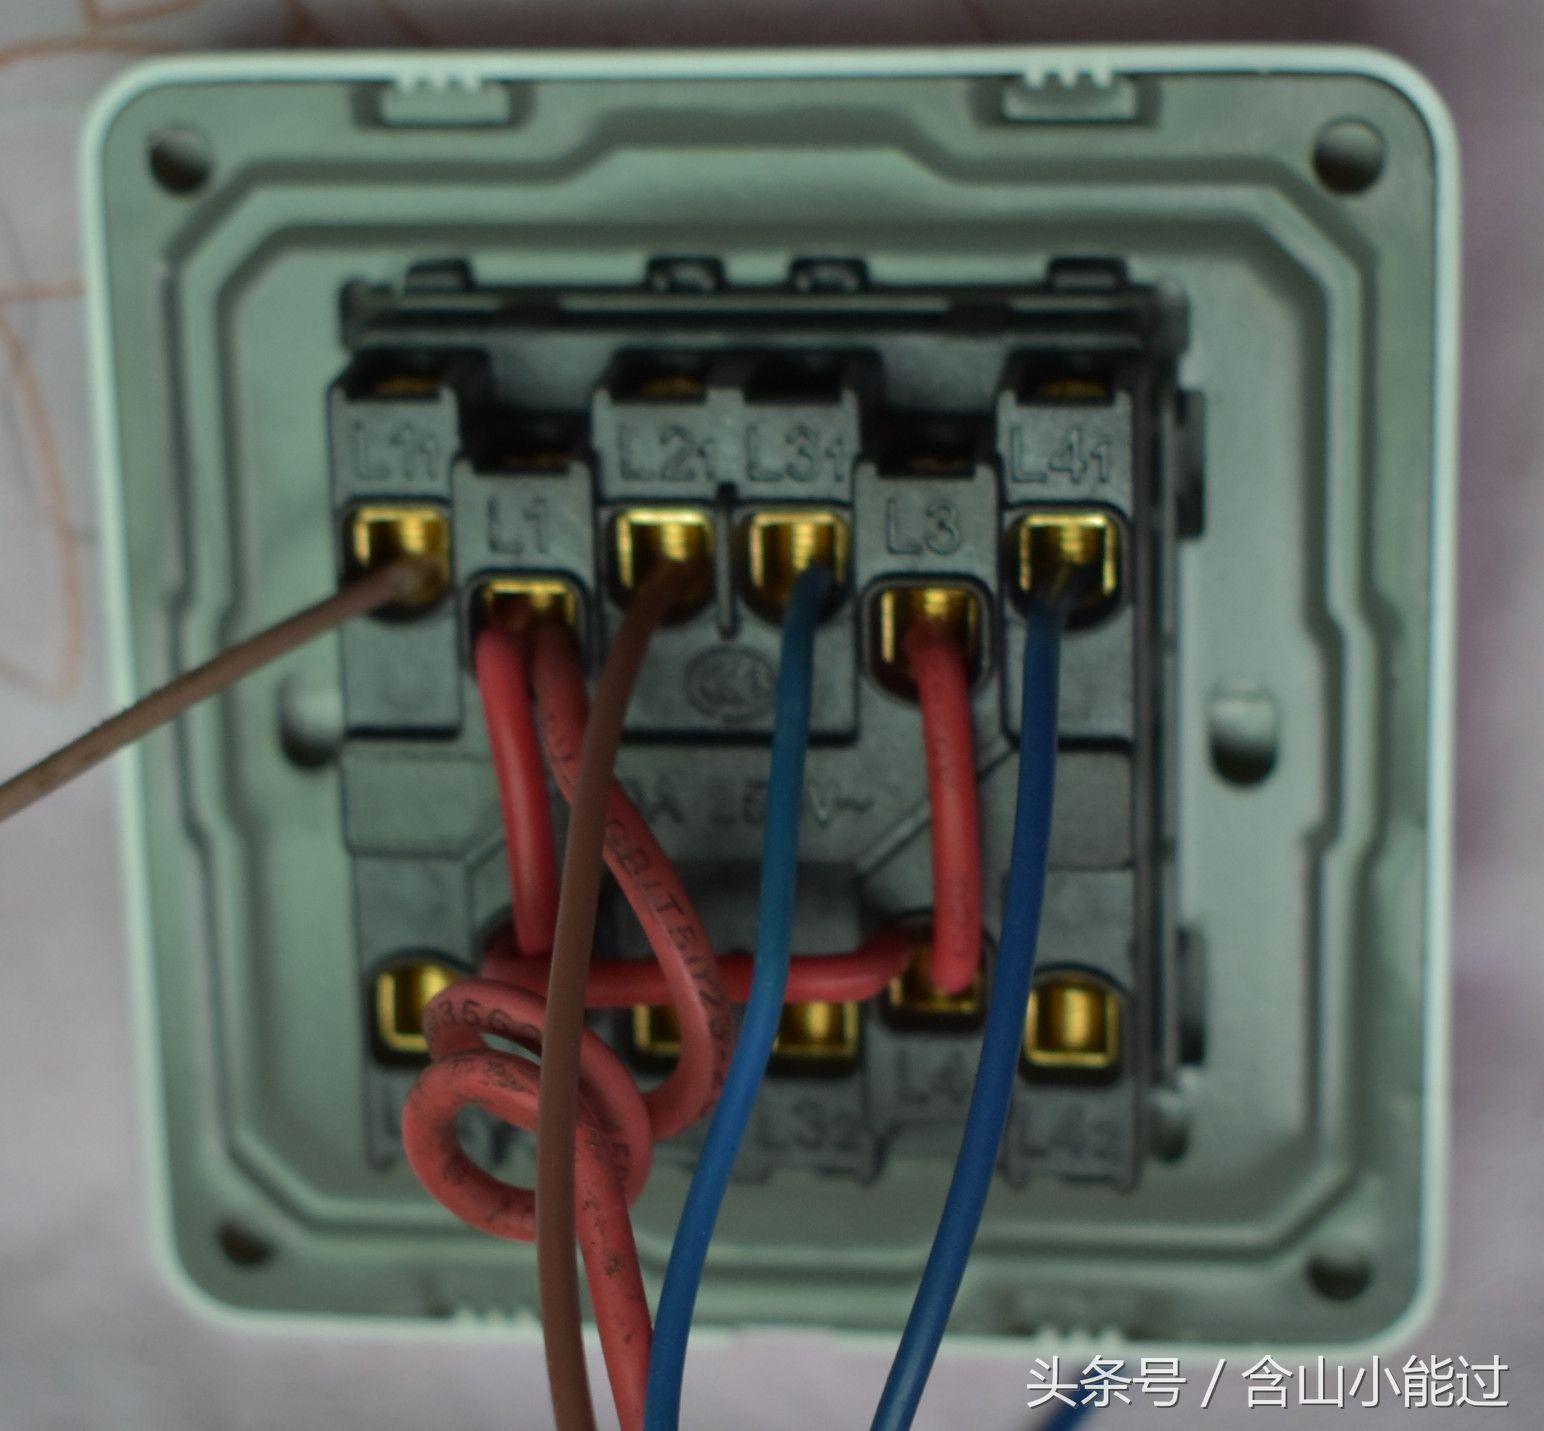 此图接线为四开双控面板当四开单控用,l1丶l2,l3,l4跳线接火线,l11